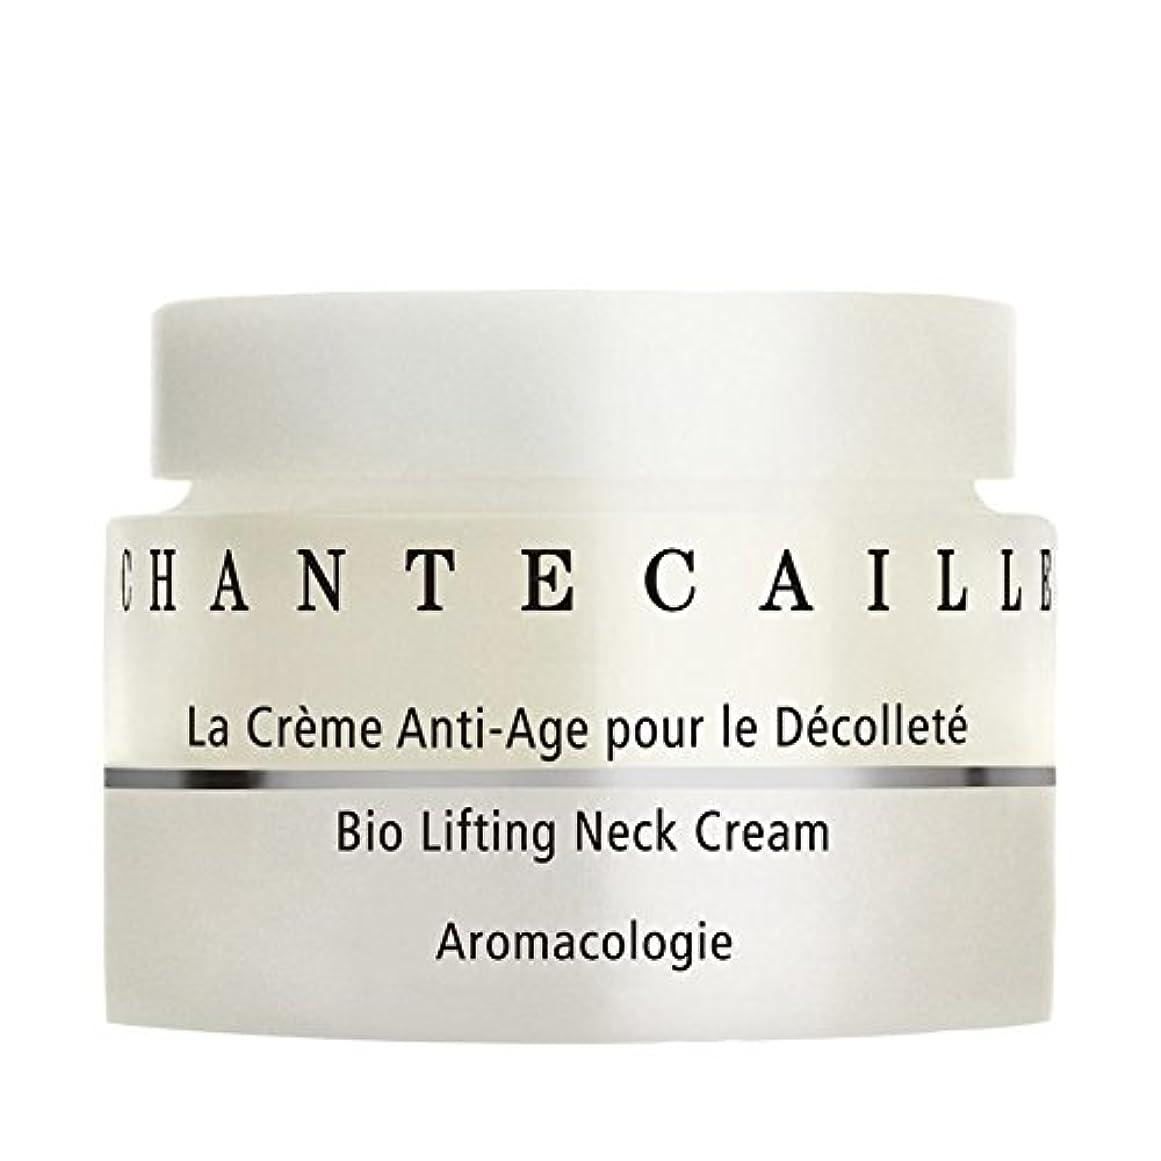 置くためにパック晴れジェームズダイソンシャンテカイユバイオダイナミックリフティングネッククリーム、シャンテカイユ x4 - Chantecaille Biodynamic Lifting Neck Cream, Chantecaille (Pack of 4...